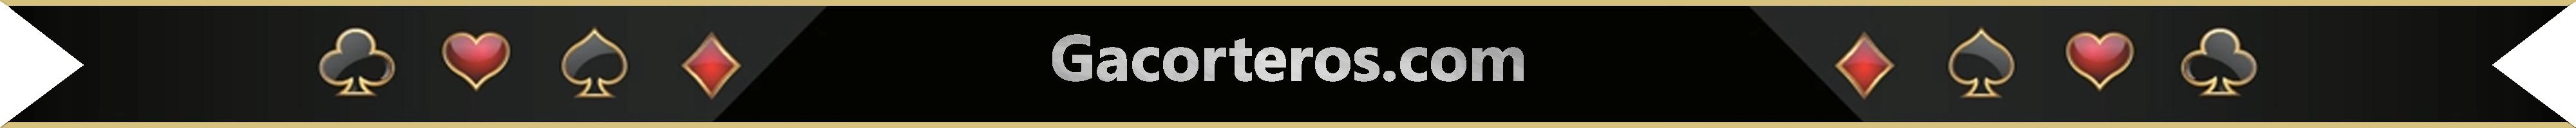 gacorteros.com